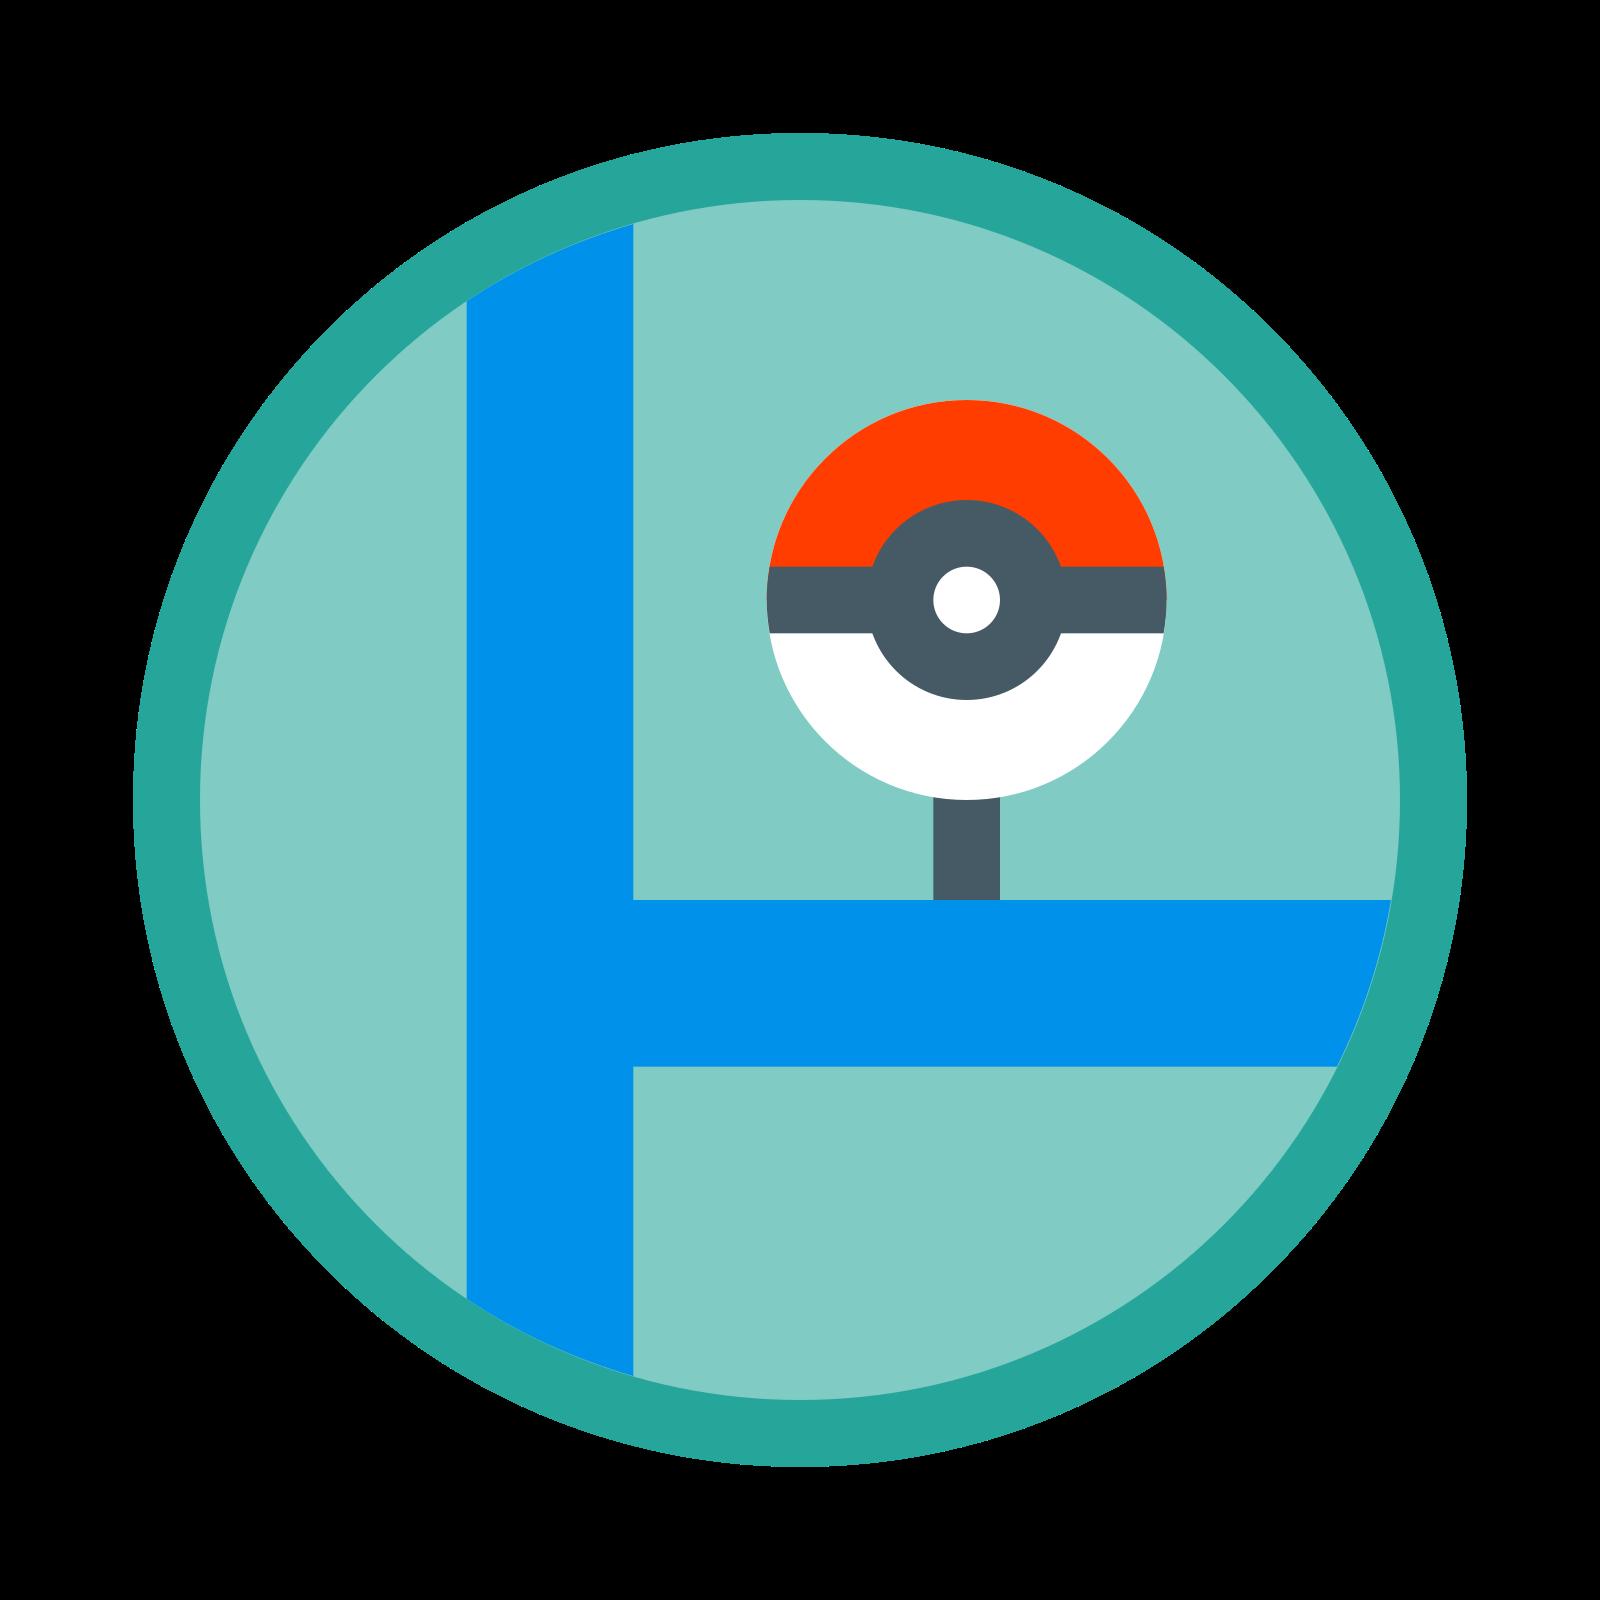 Map Pokemon icon